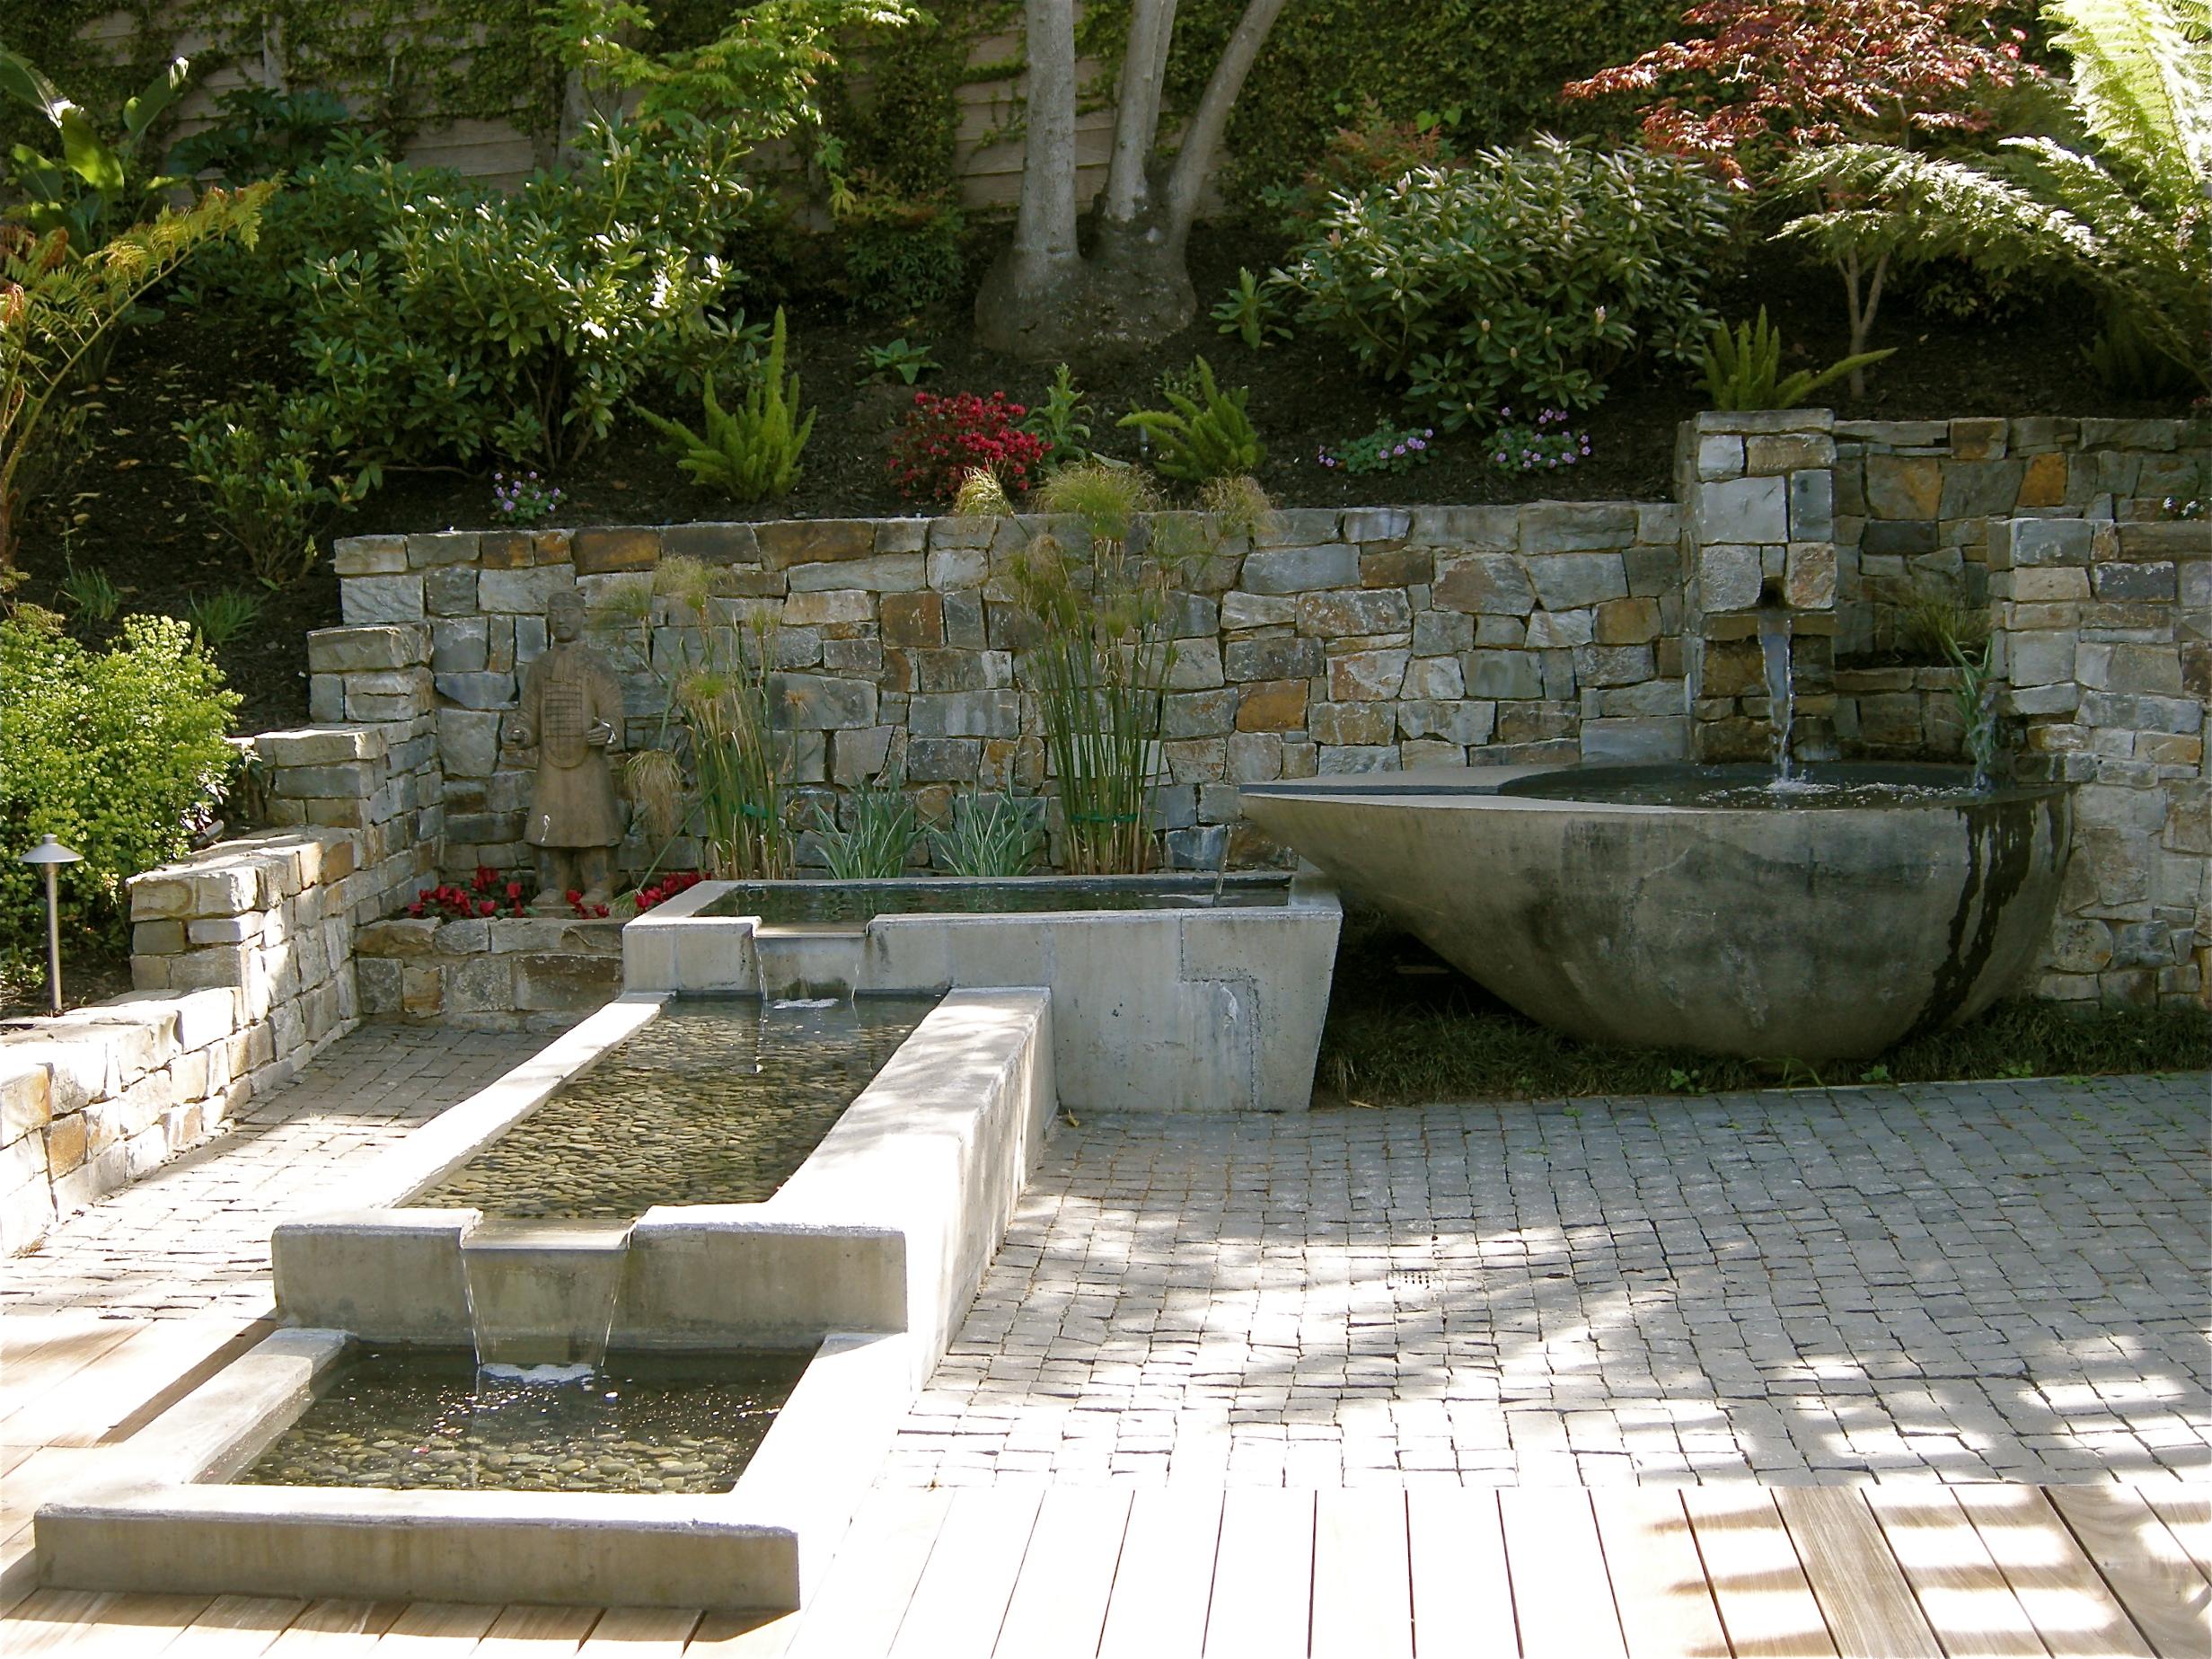 Holliday_fountain3.JPG